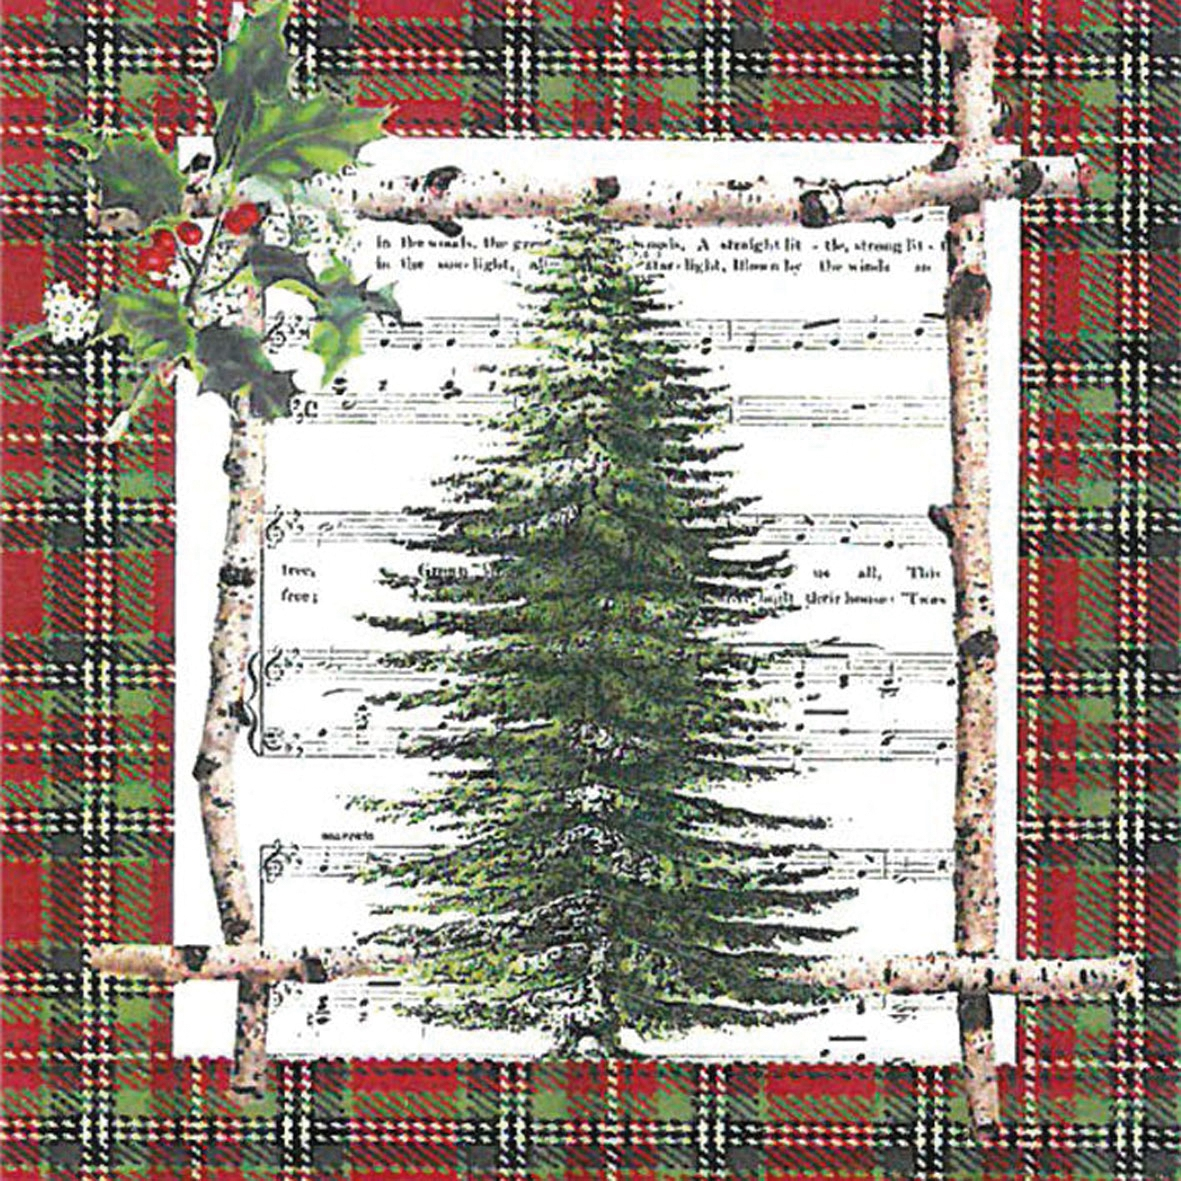 Cocktail Servietten Chalet Tree,  Weihnachten - Weihnachtsbaum,  Weihnachten,  cocktail servietten,  Weihnachtsbaum